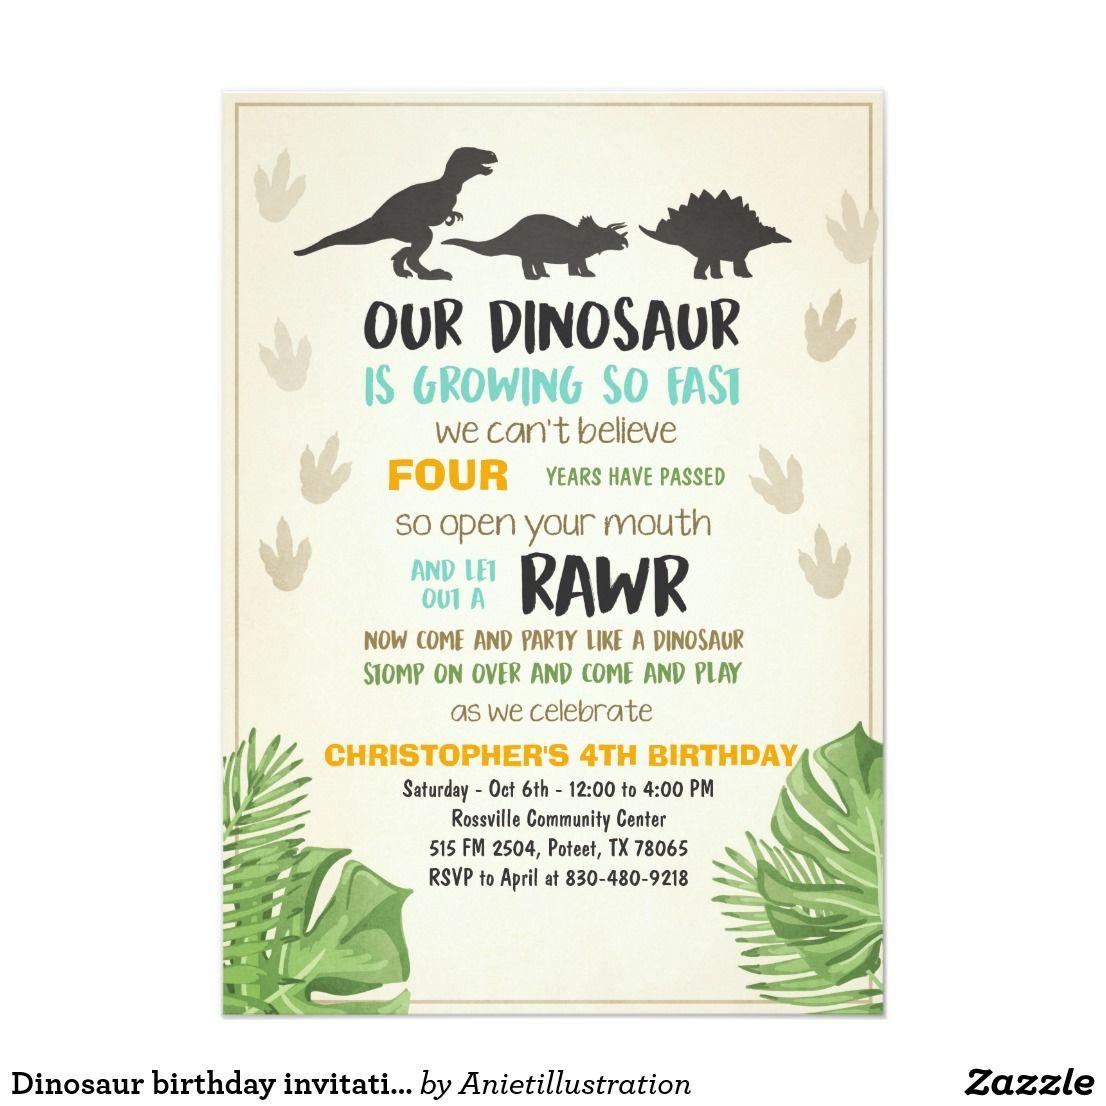 Dinosaur birthday invitation Dinosaur Party Invite | Dinosaur ...